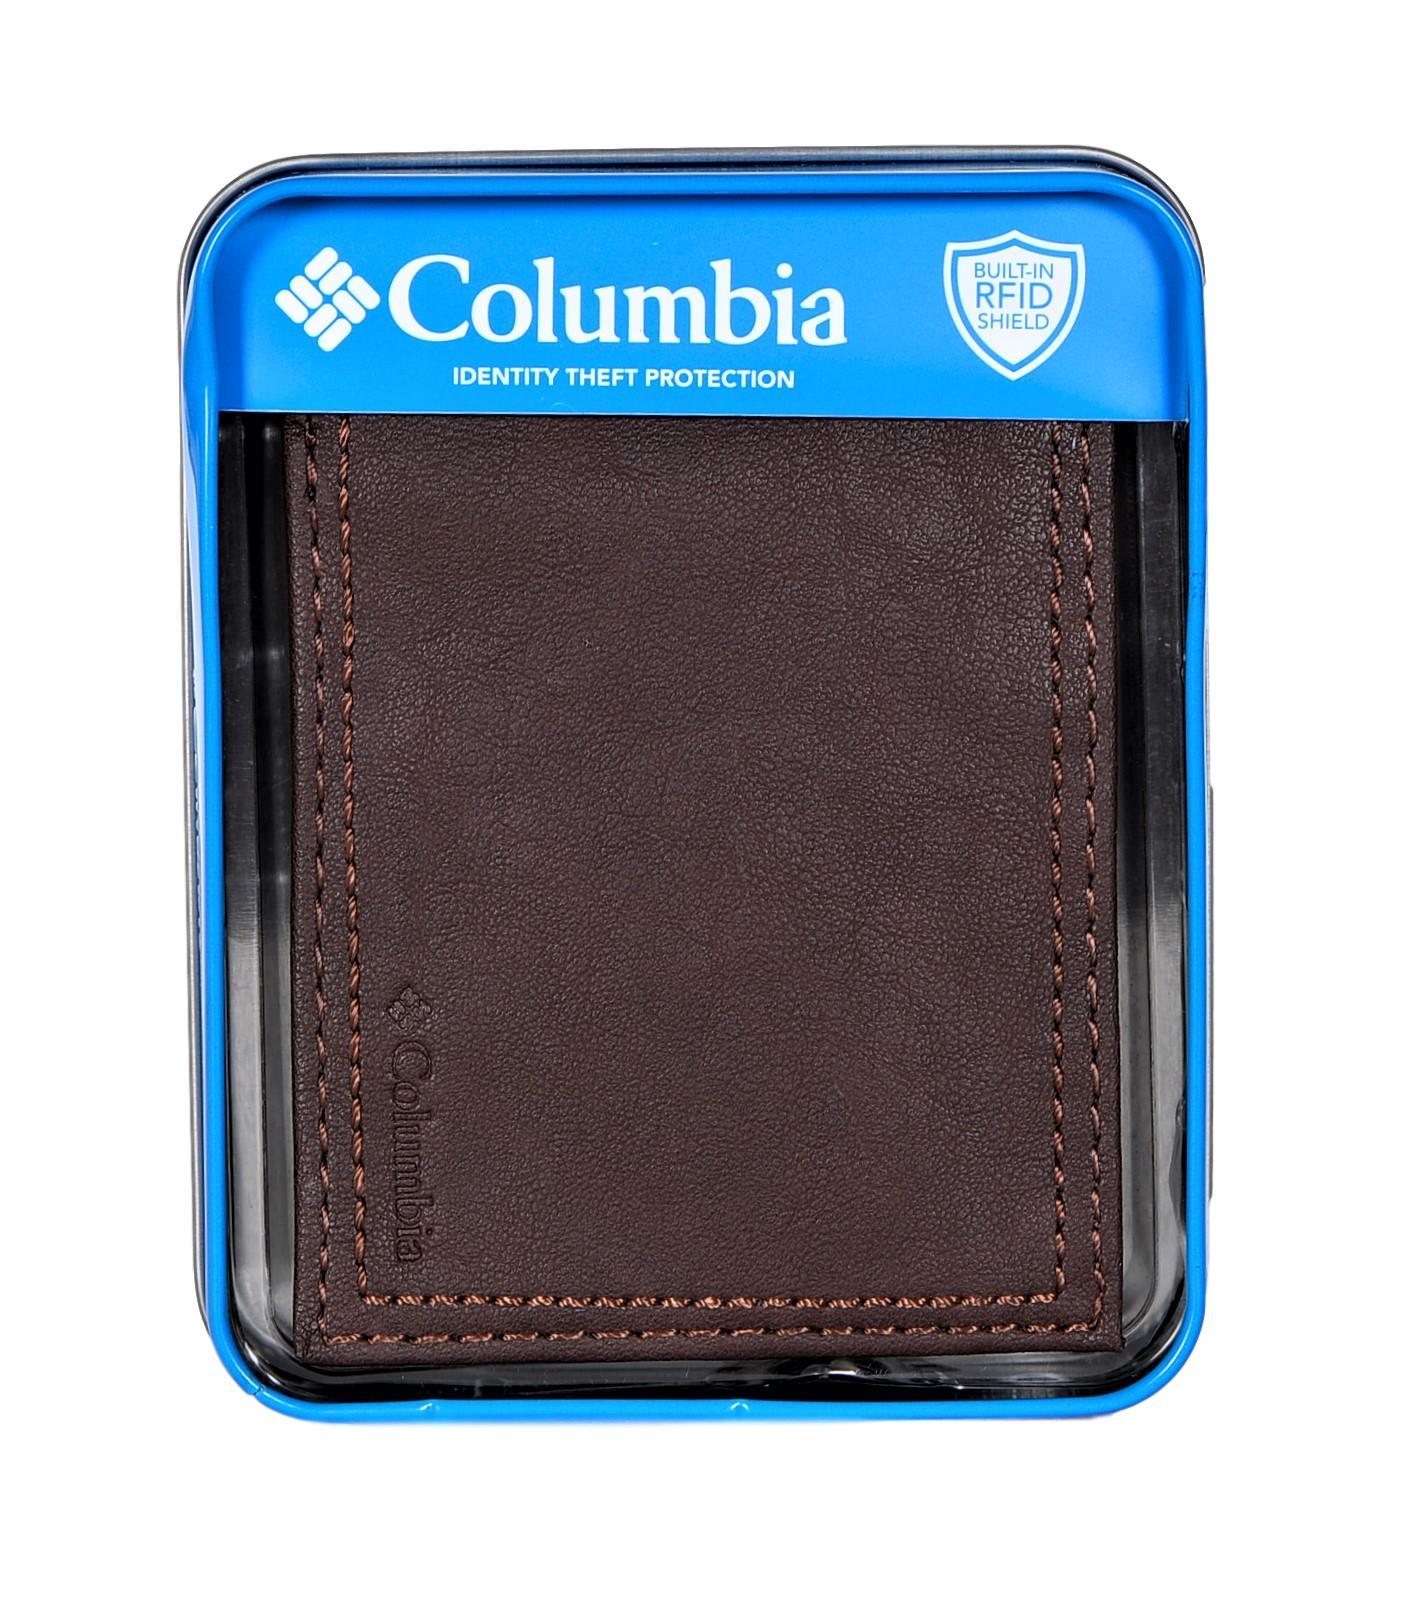 Columbia-Herren-Rfid-Sicherheit-Sperrung-Geldboerse-Integrierter-Shield-Geldboerse Indexbild 15